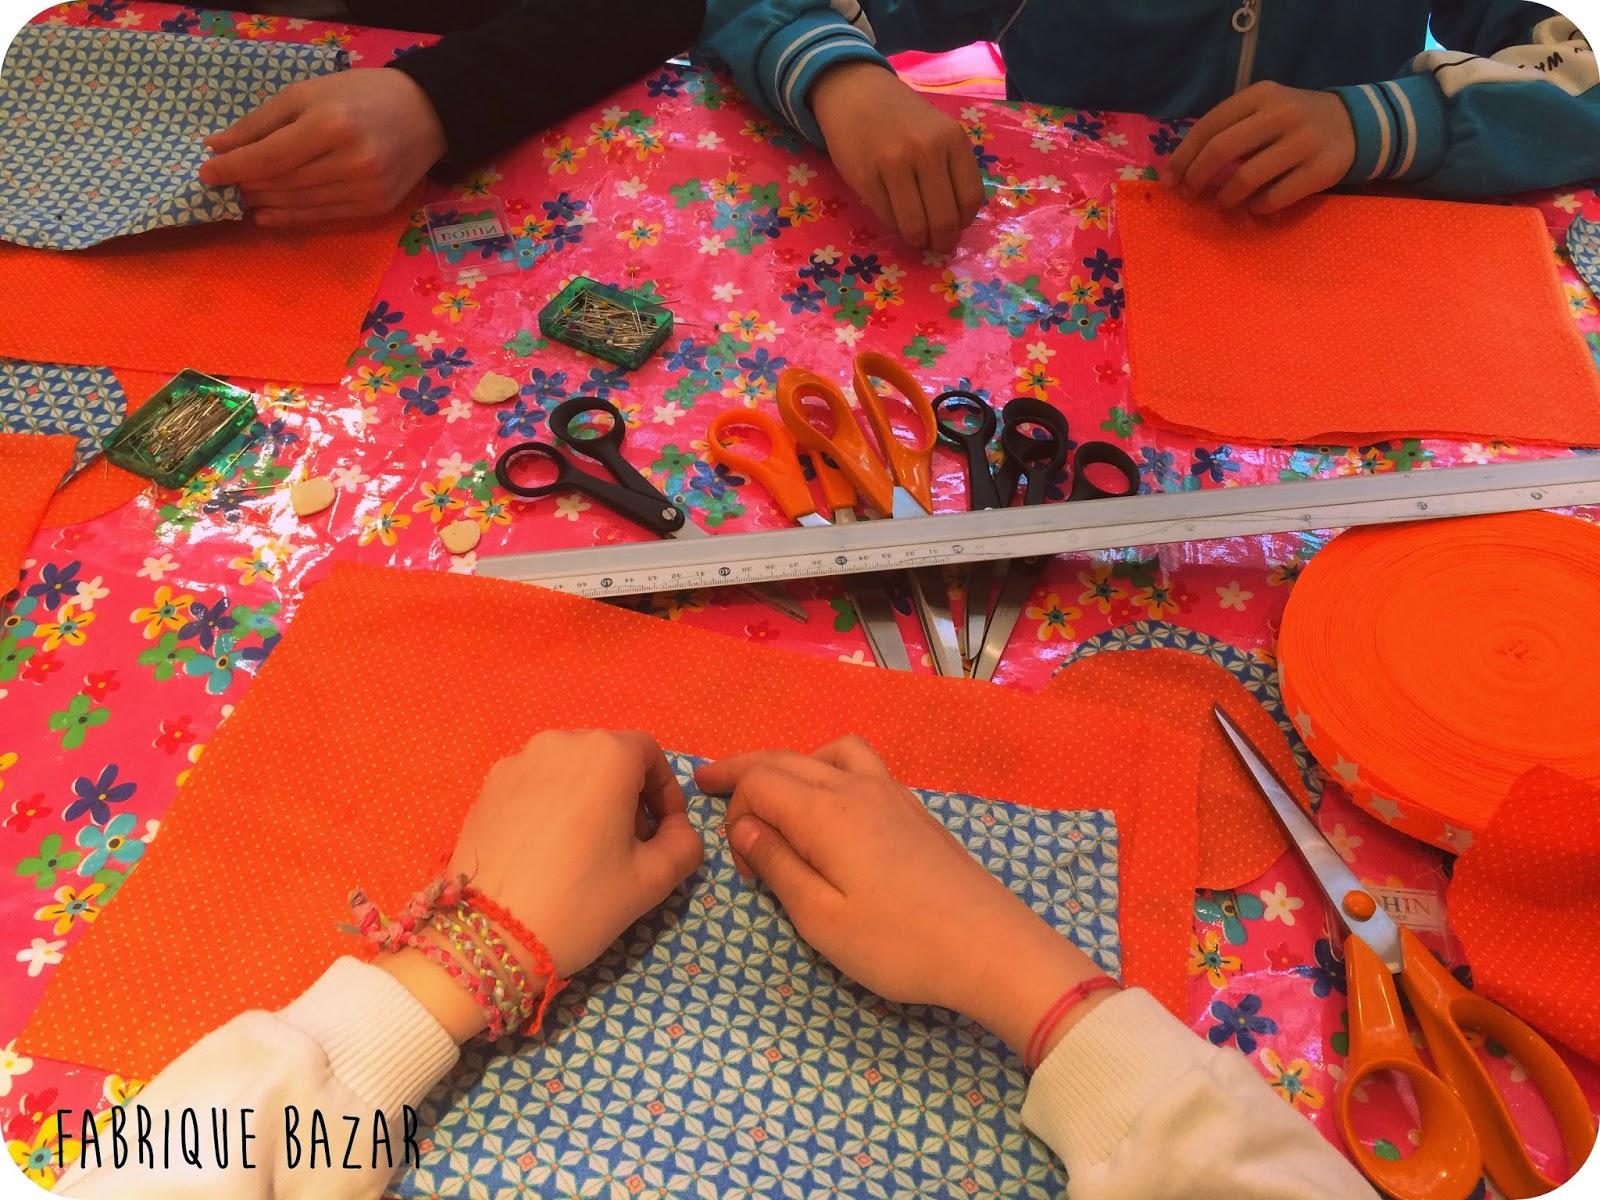 cours de couture toulouse blog créatif fabrique bazarv